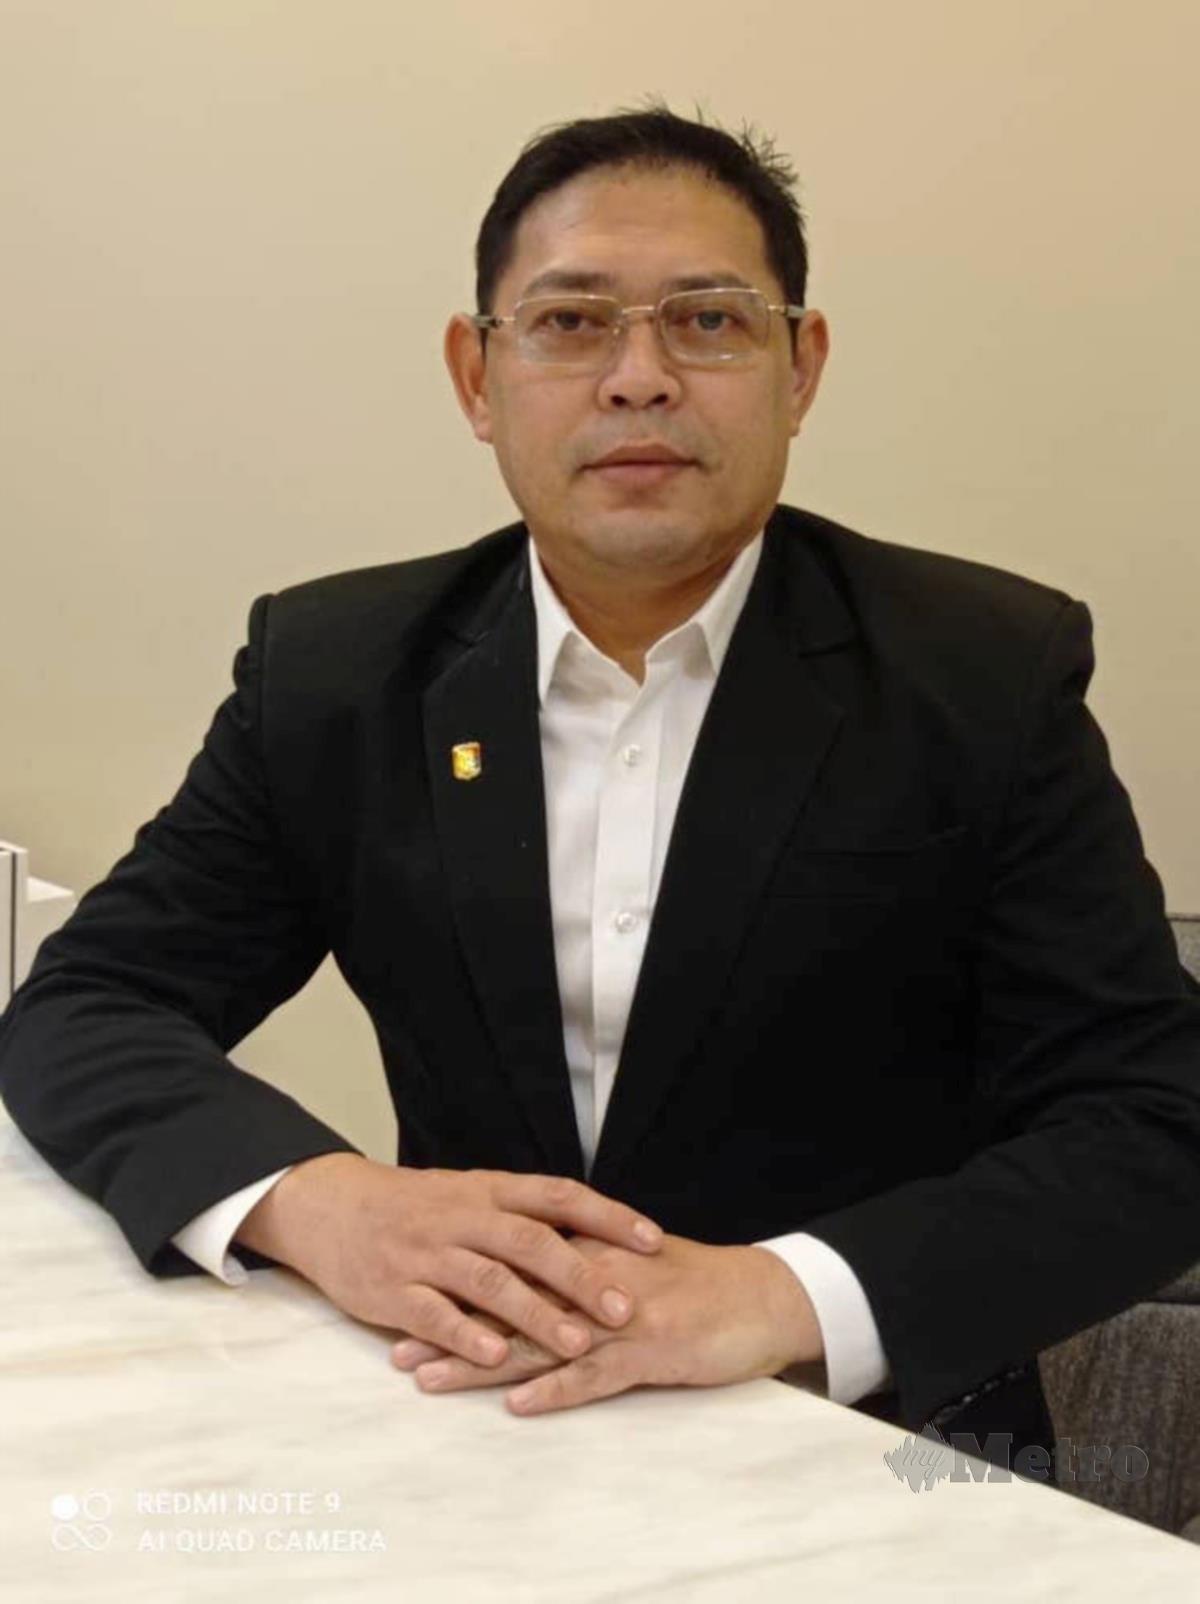 DR Shazli Ezzat Ghazal